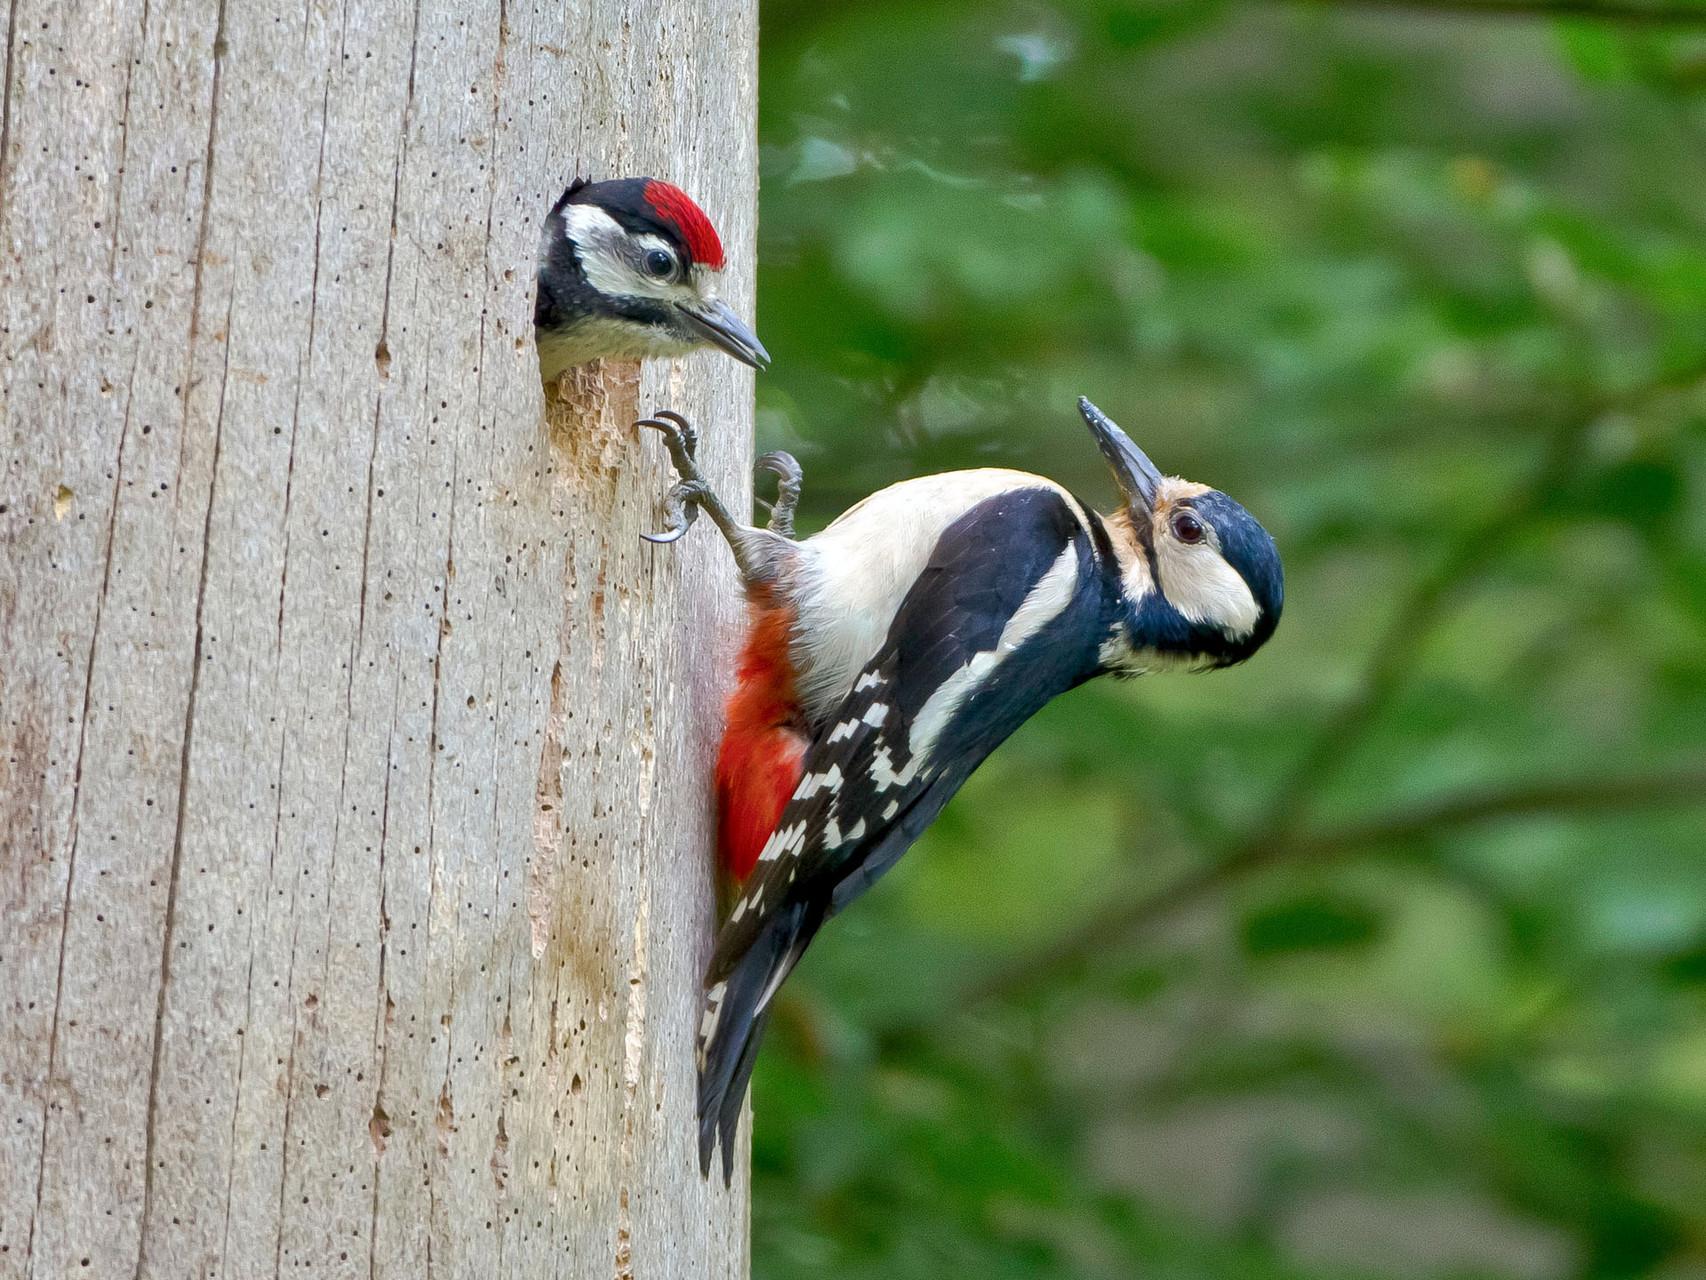 Nach der Paarung legt das Weibchen ca. 6 Eier in die neu gezimmerte Baumhöhle